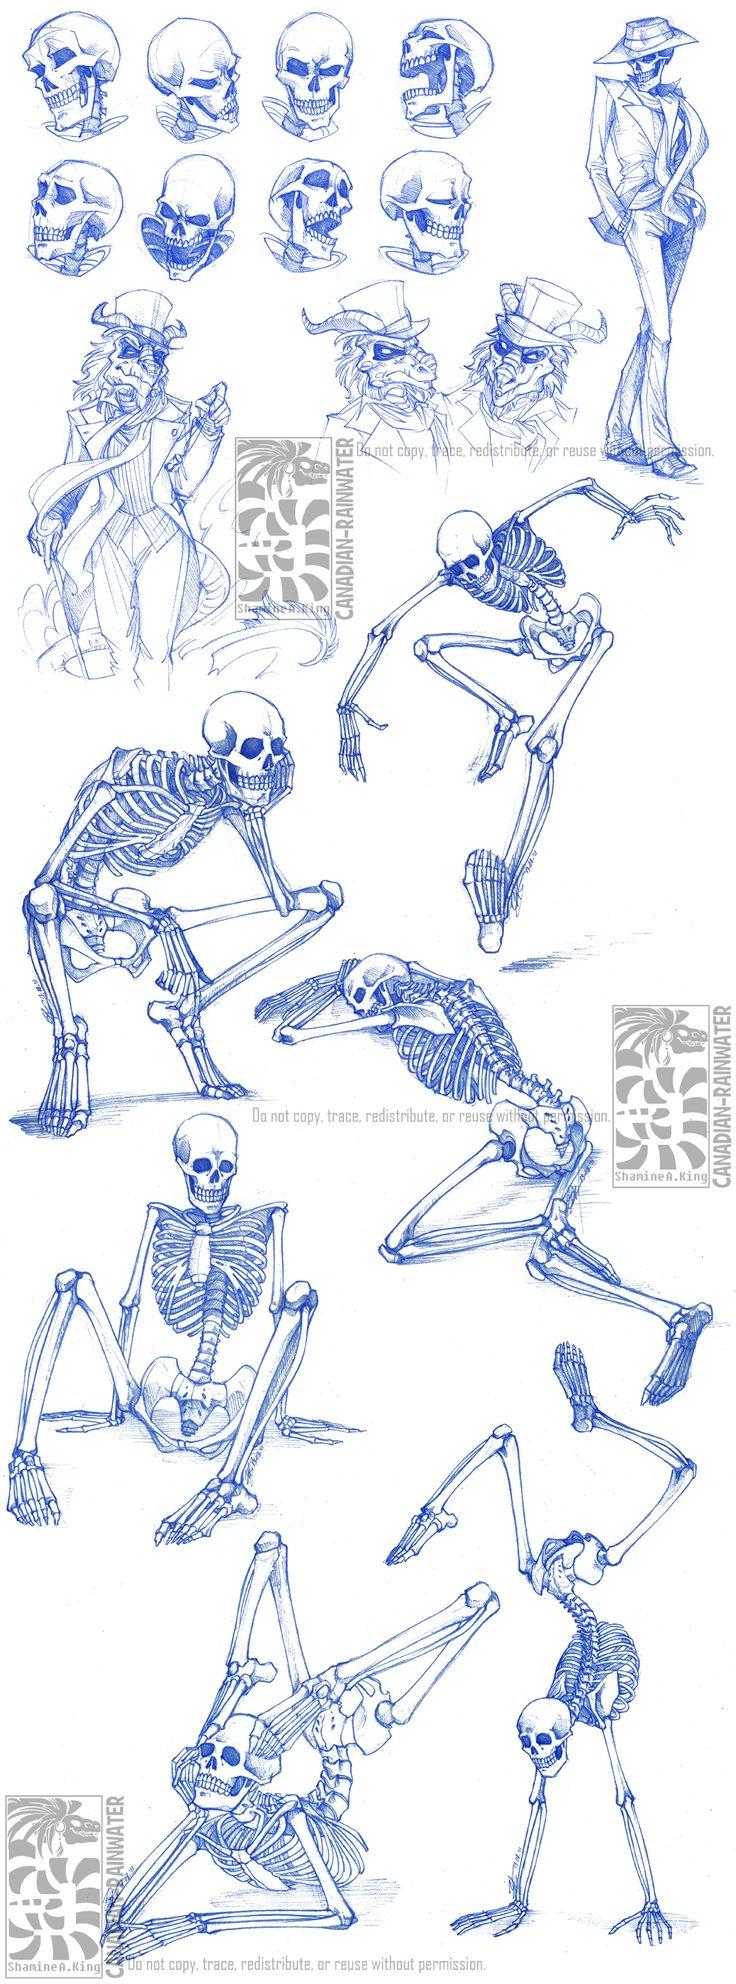 Skeletal Sketchdump by Quarter-Virus.deviantart.com on @DeviantArt